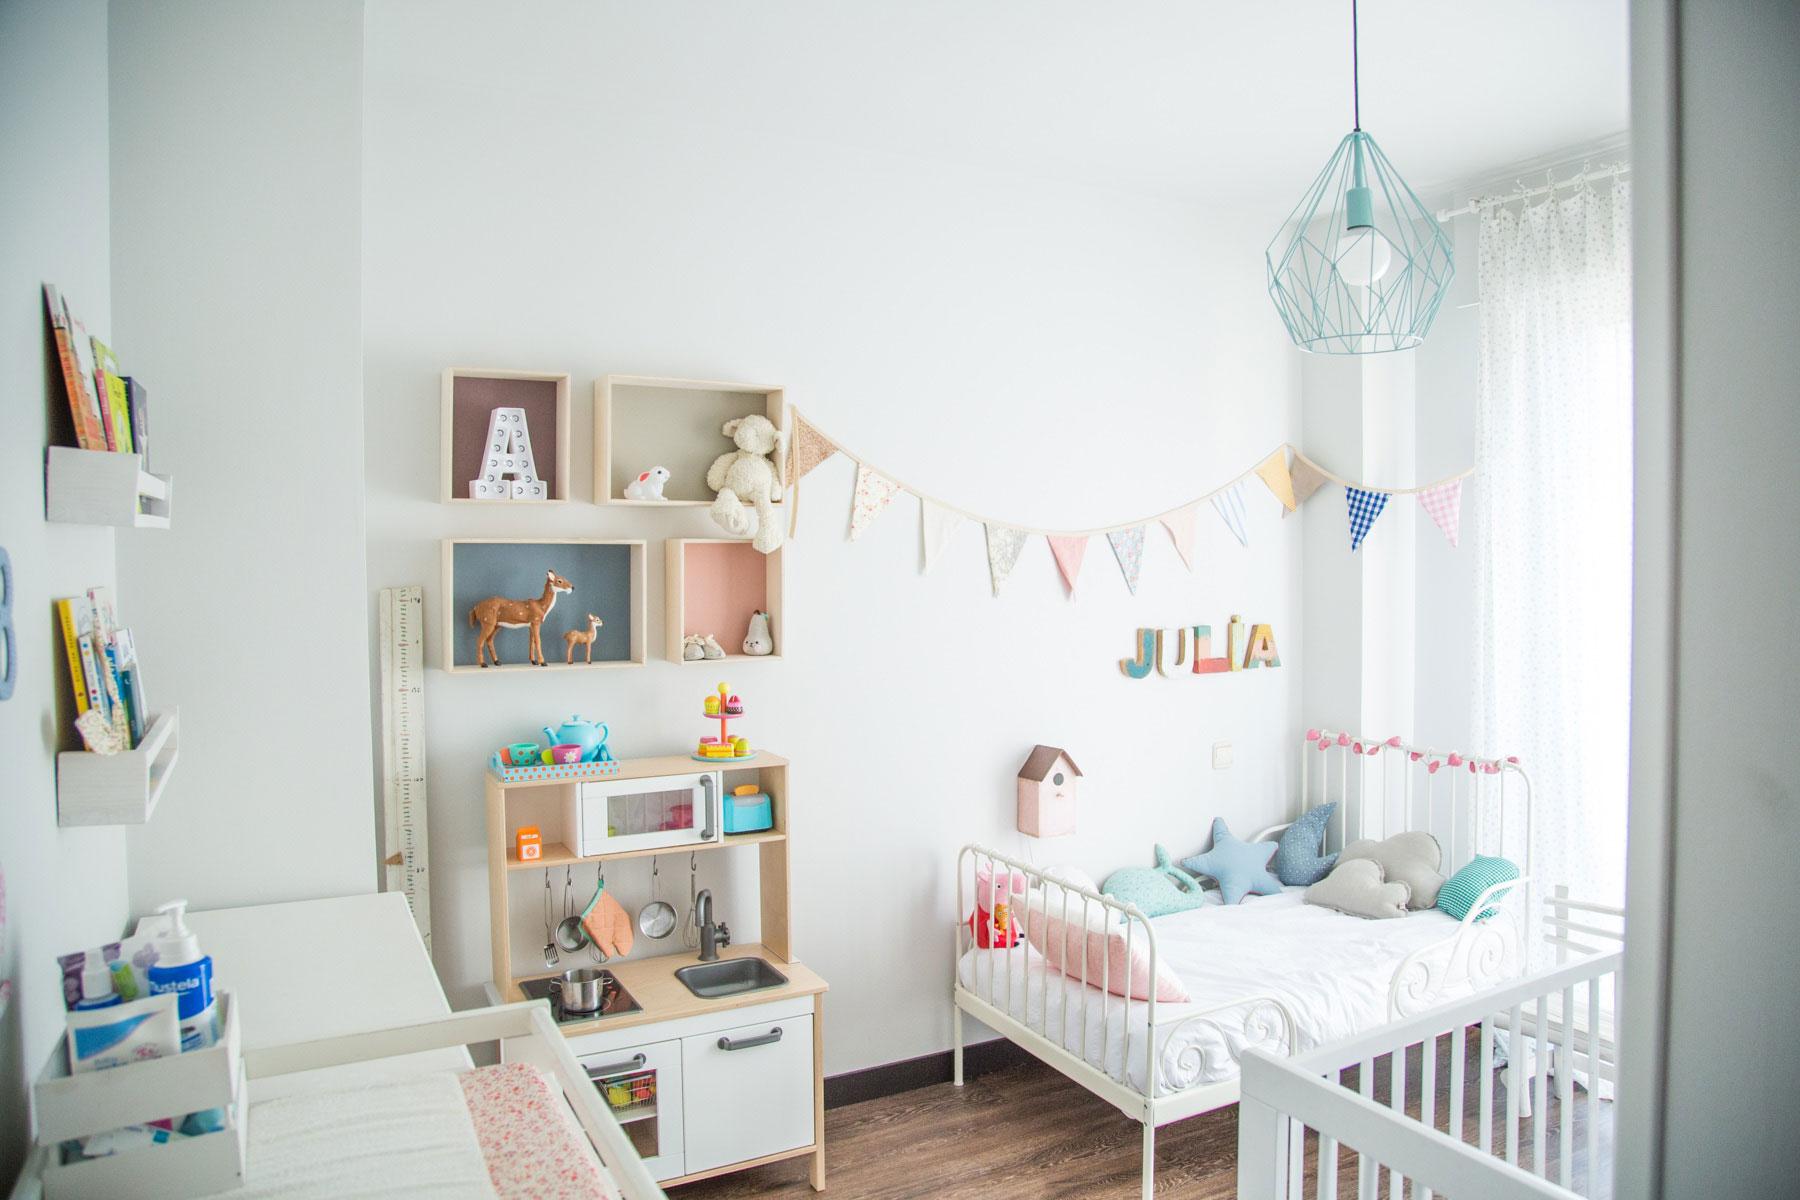 интерьер детской комнаты для двоих детей фото